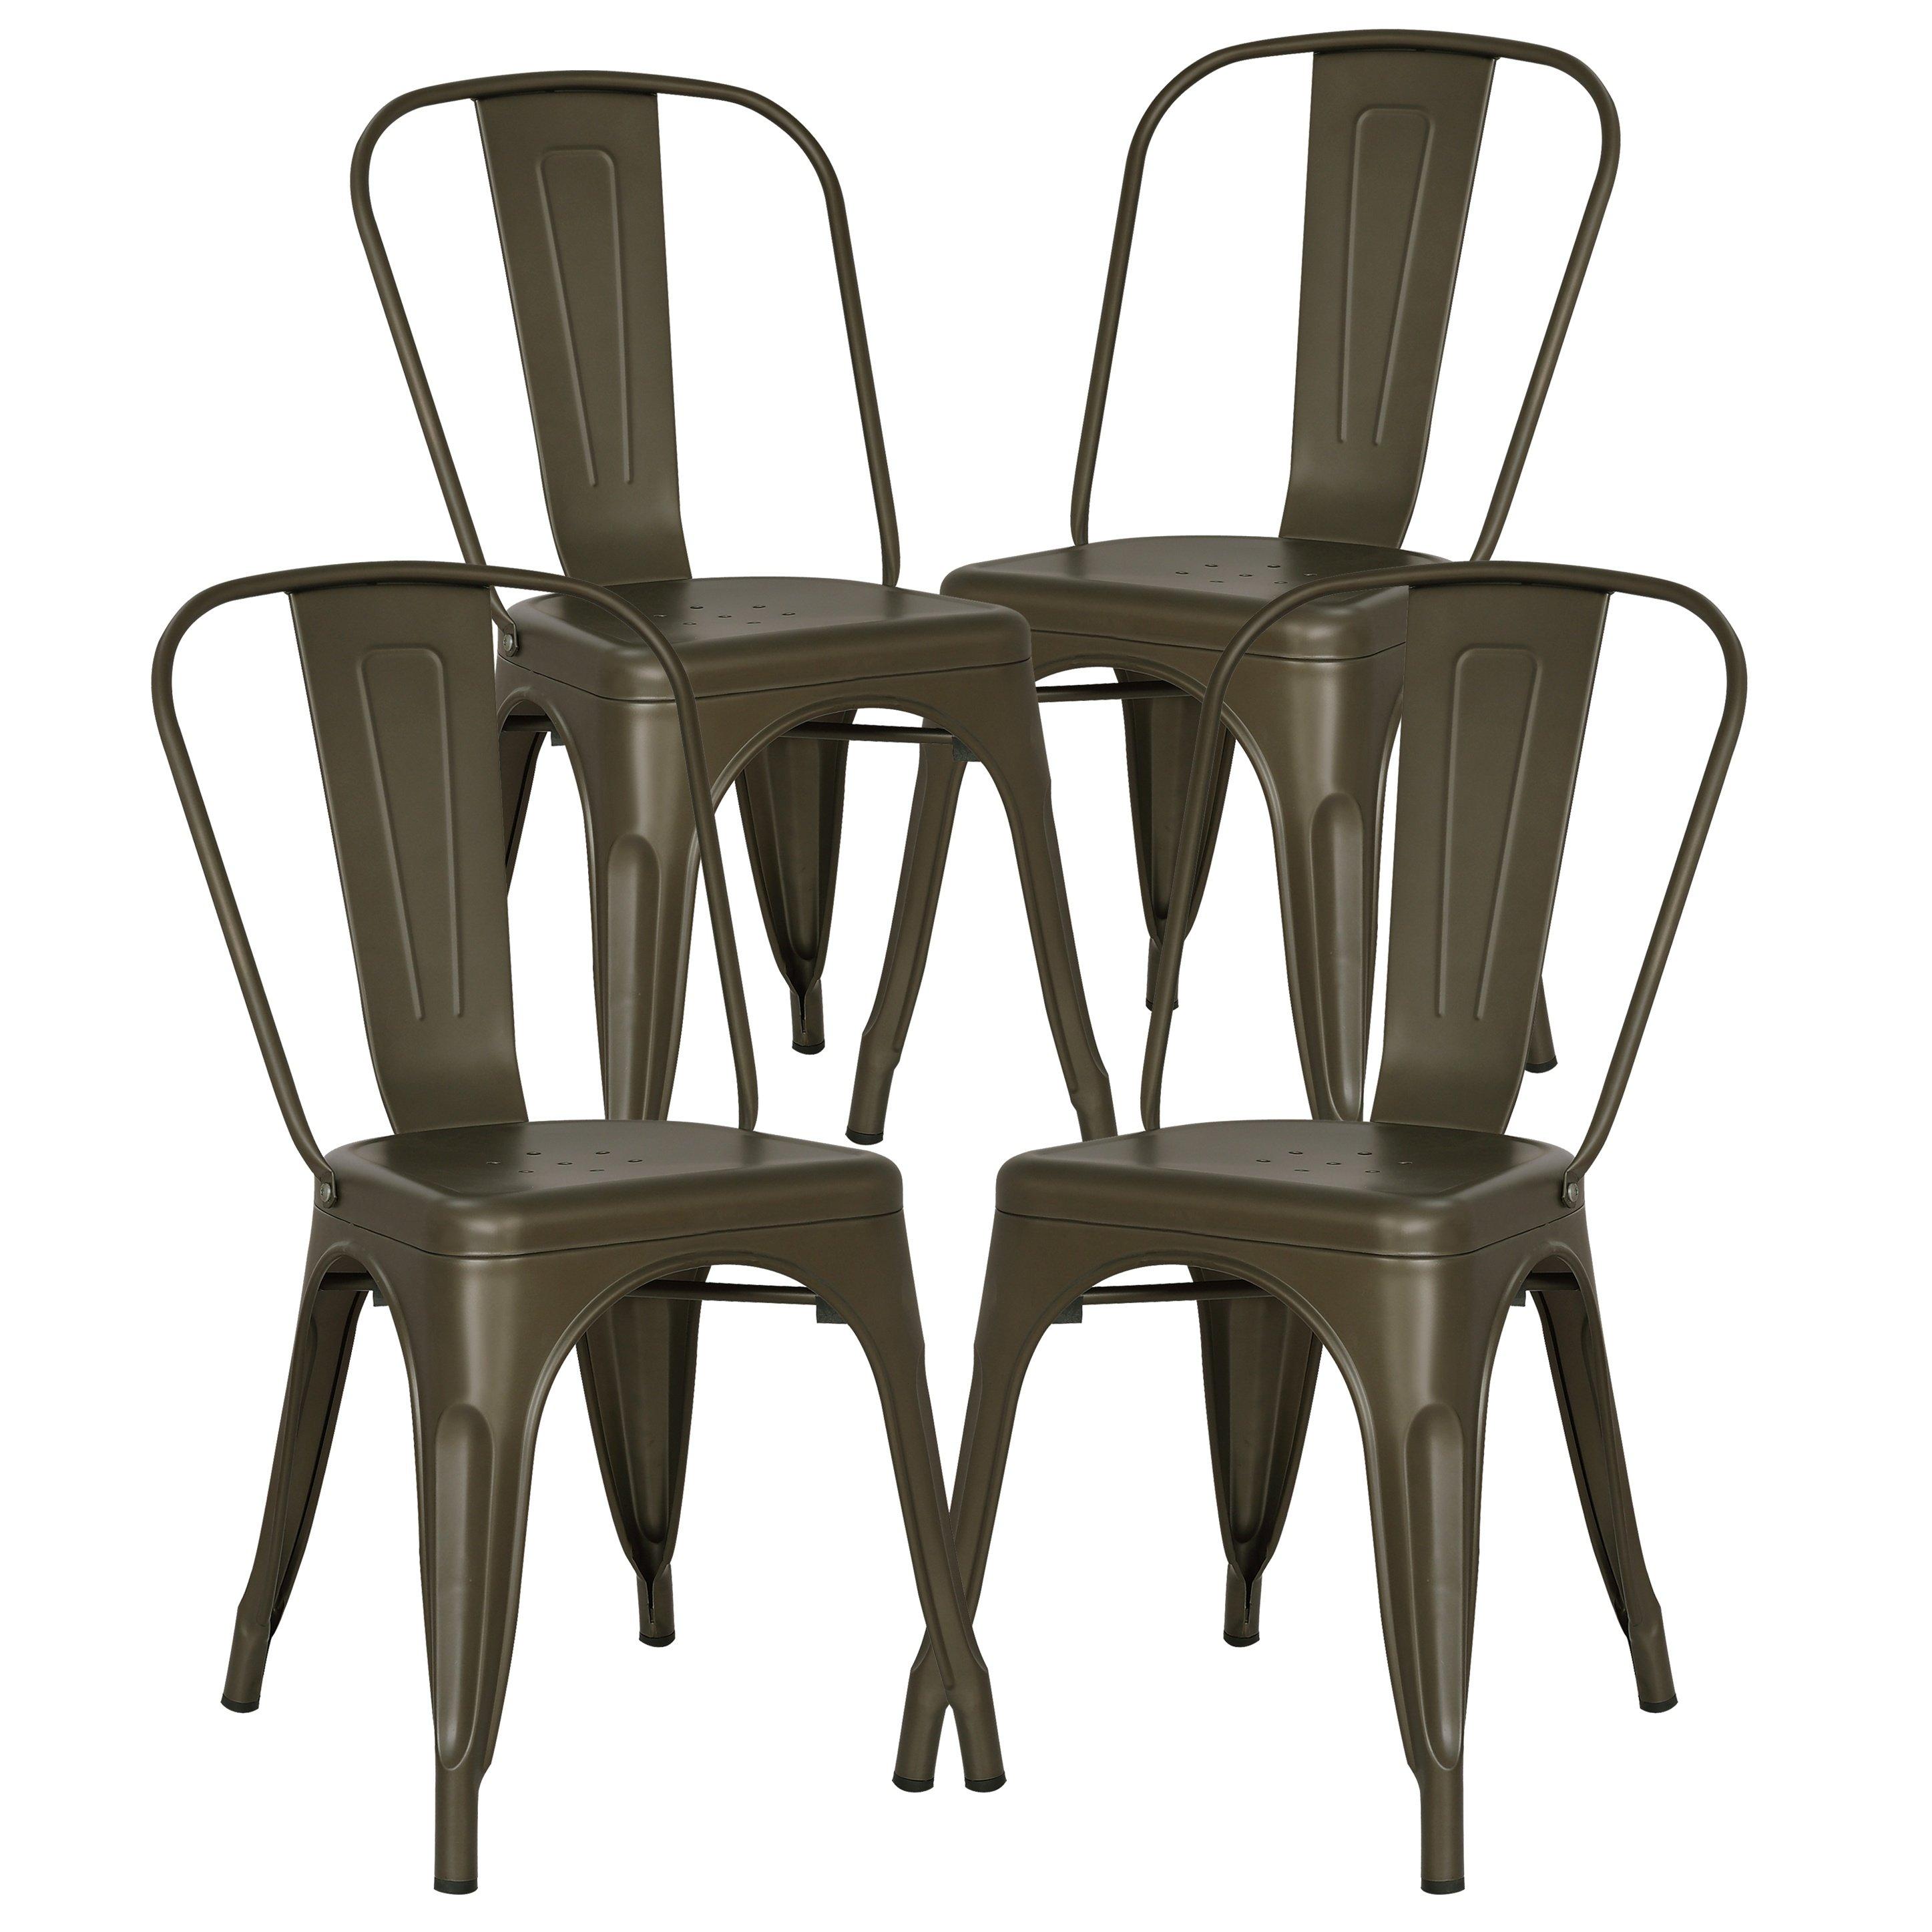 10 mẫu ghế ngồi nổi bật cho phòng ăn được tạp chí nội thất của Mỹ bình chọn, bạn hoàn toàn có thể mua ở Việt Nam với giá thành hợp lý - Ảnh 4.